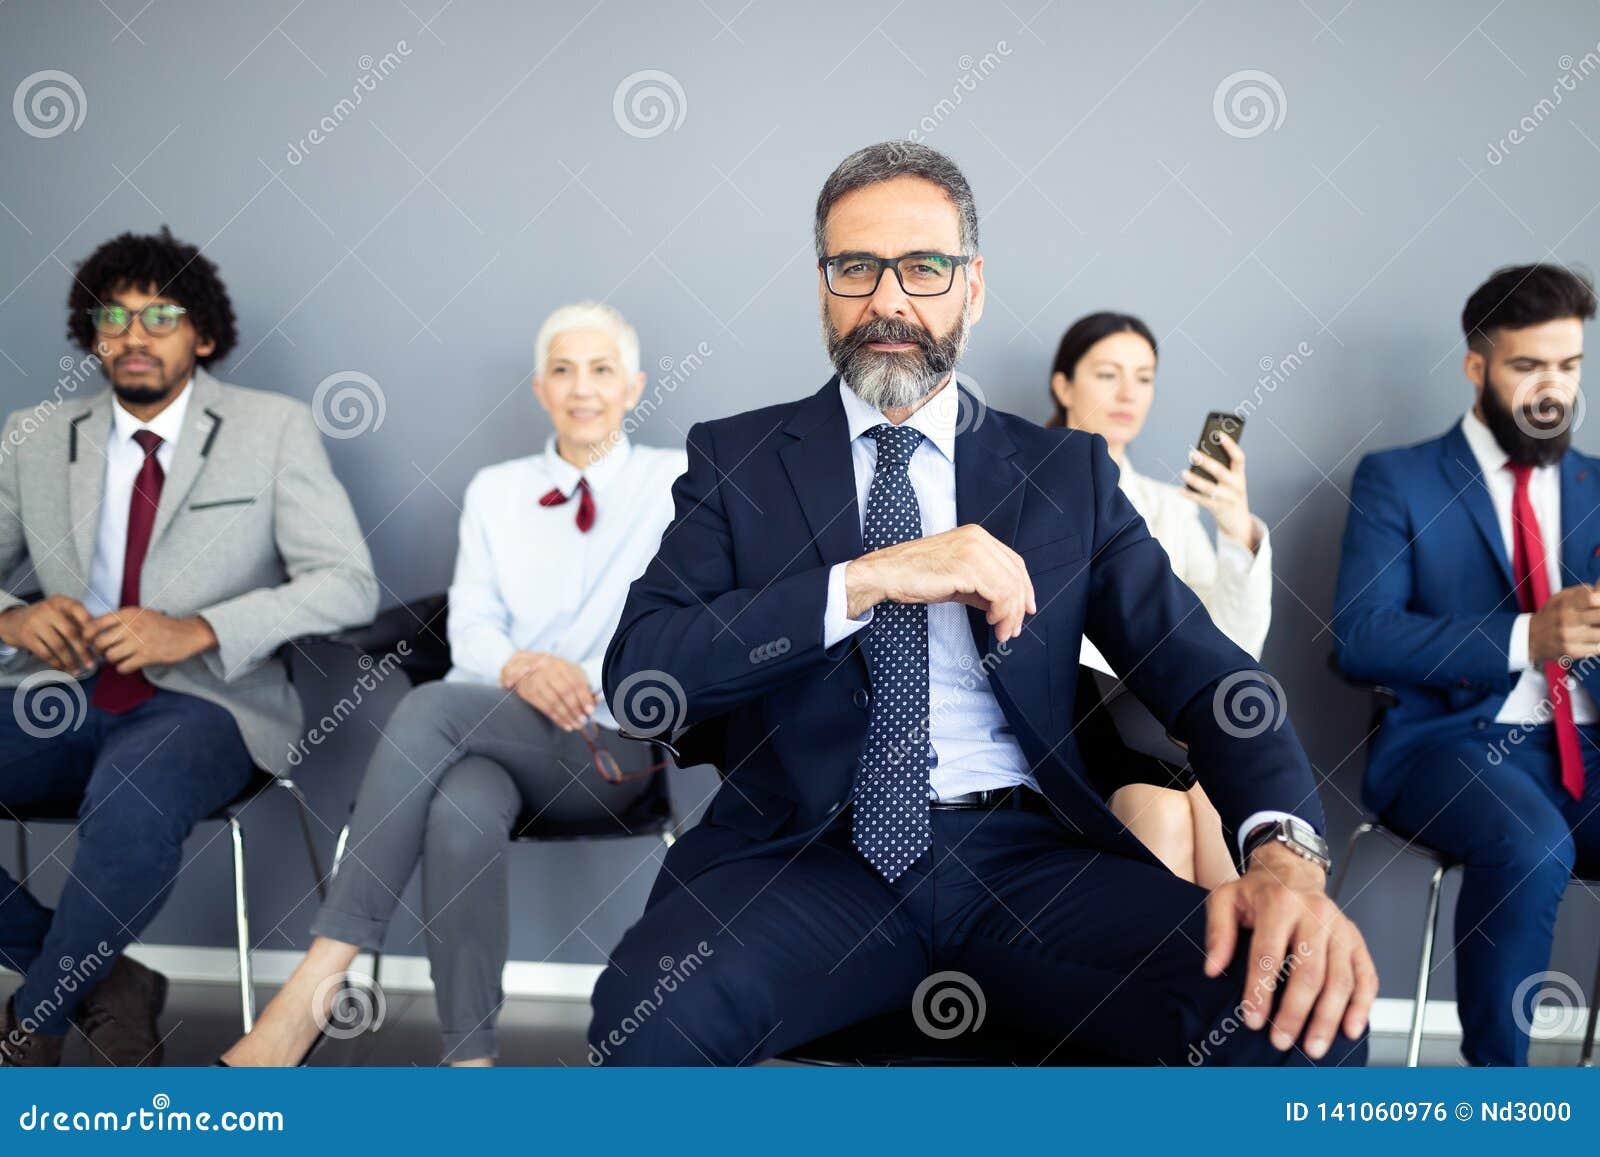 Портрет старшего бизнесмена как руководитель на современном ярком интерьере офиса